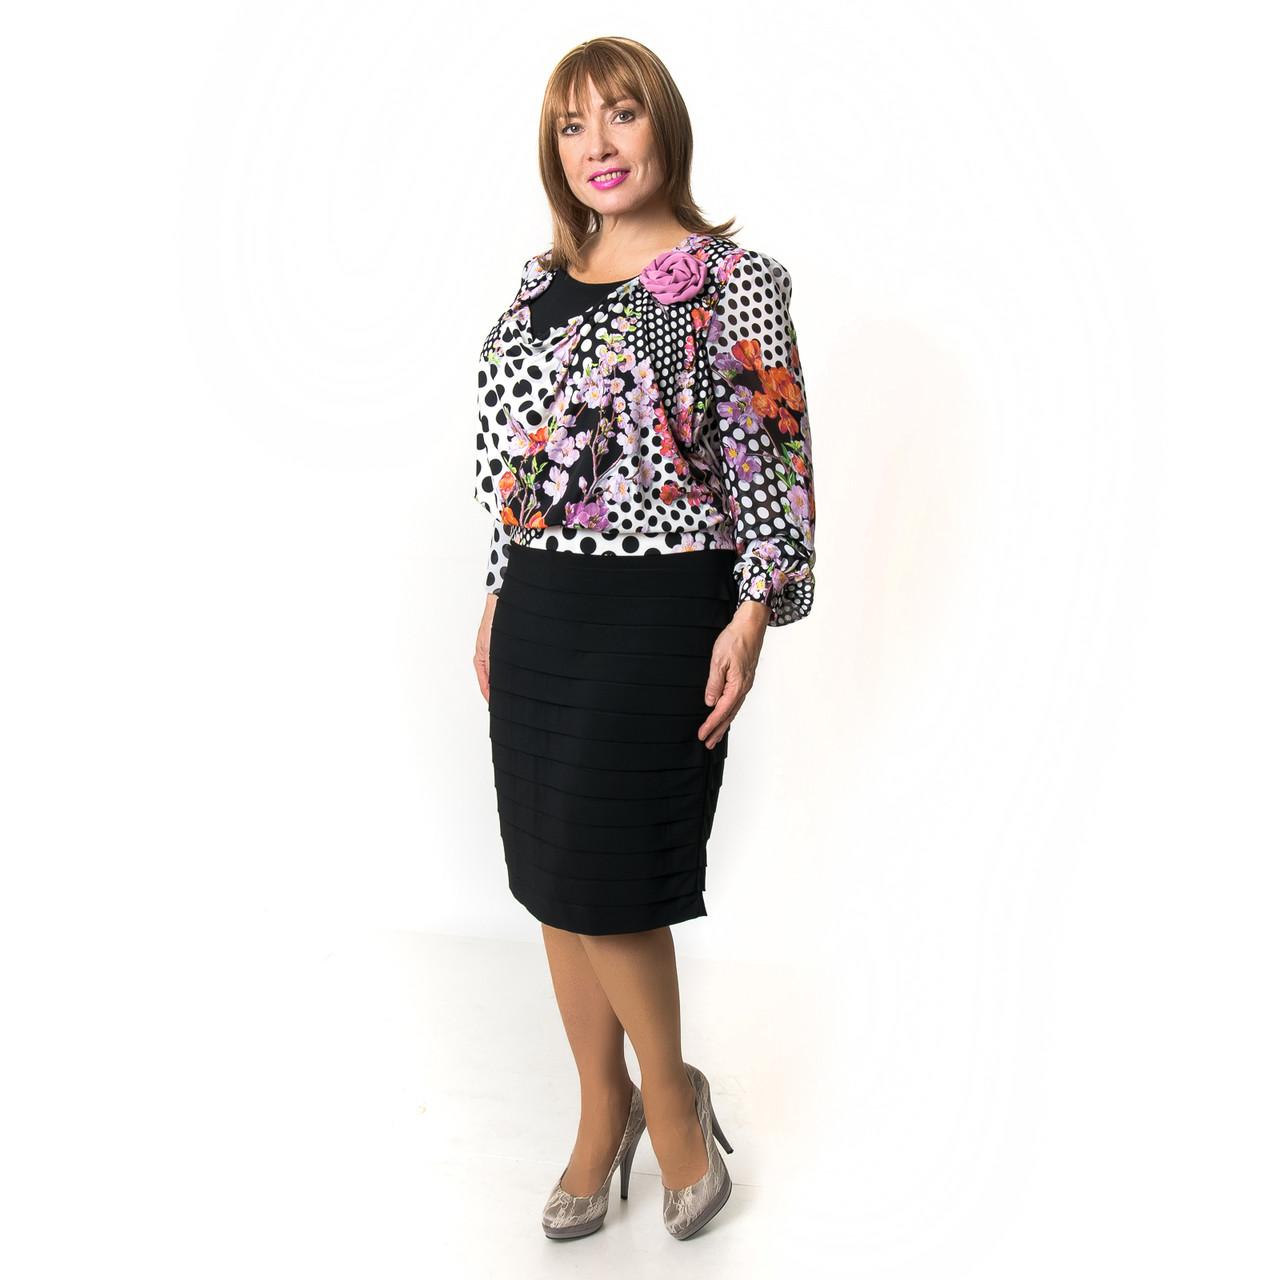 Купить платье женское большого размера в интернет магазине украина